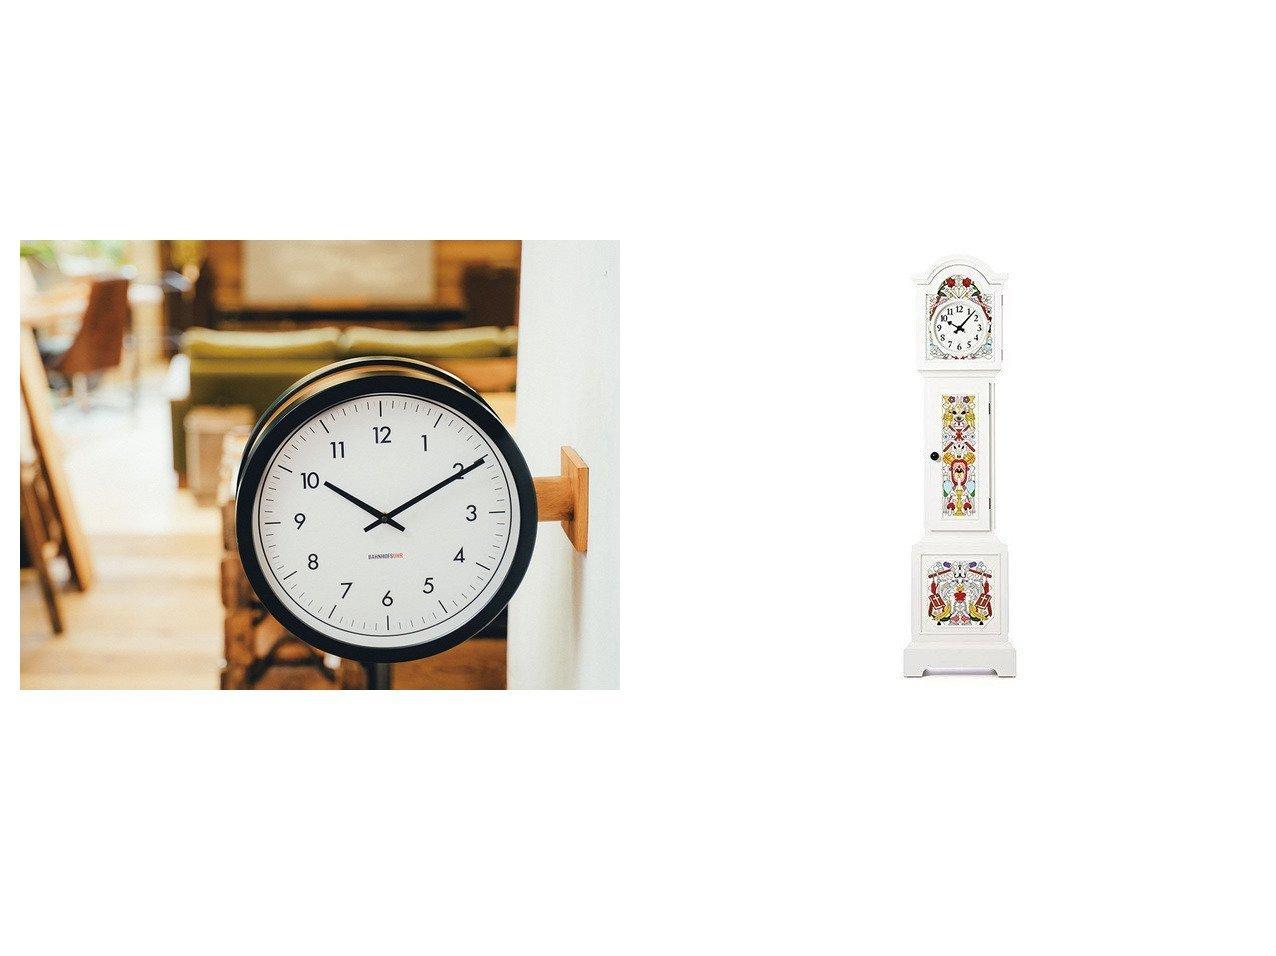 【FLYMEe Parlor/フライミーパーラー】のウォールクロック #105321&【moooi/モーイ】のアルトドイチェ クロック 【時計 お家時間 FURNITURE】おすすめ!人気、インテリア雑貨・家具の通販 おすすめで人気の流行・トレンド、ファッションの通販商品 インテリア・家具・メンズファッション・キッズファッション・レディースファッション・服の通販 founy(ファニー) https://founy.com/ ハンド パターン モチーフ 時計  ID:crp329100000054318